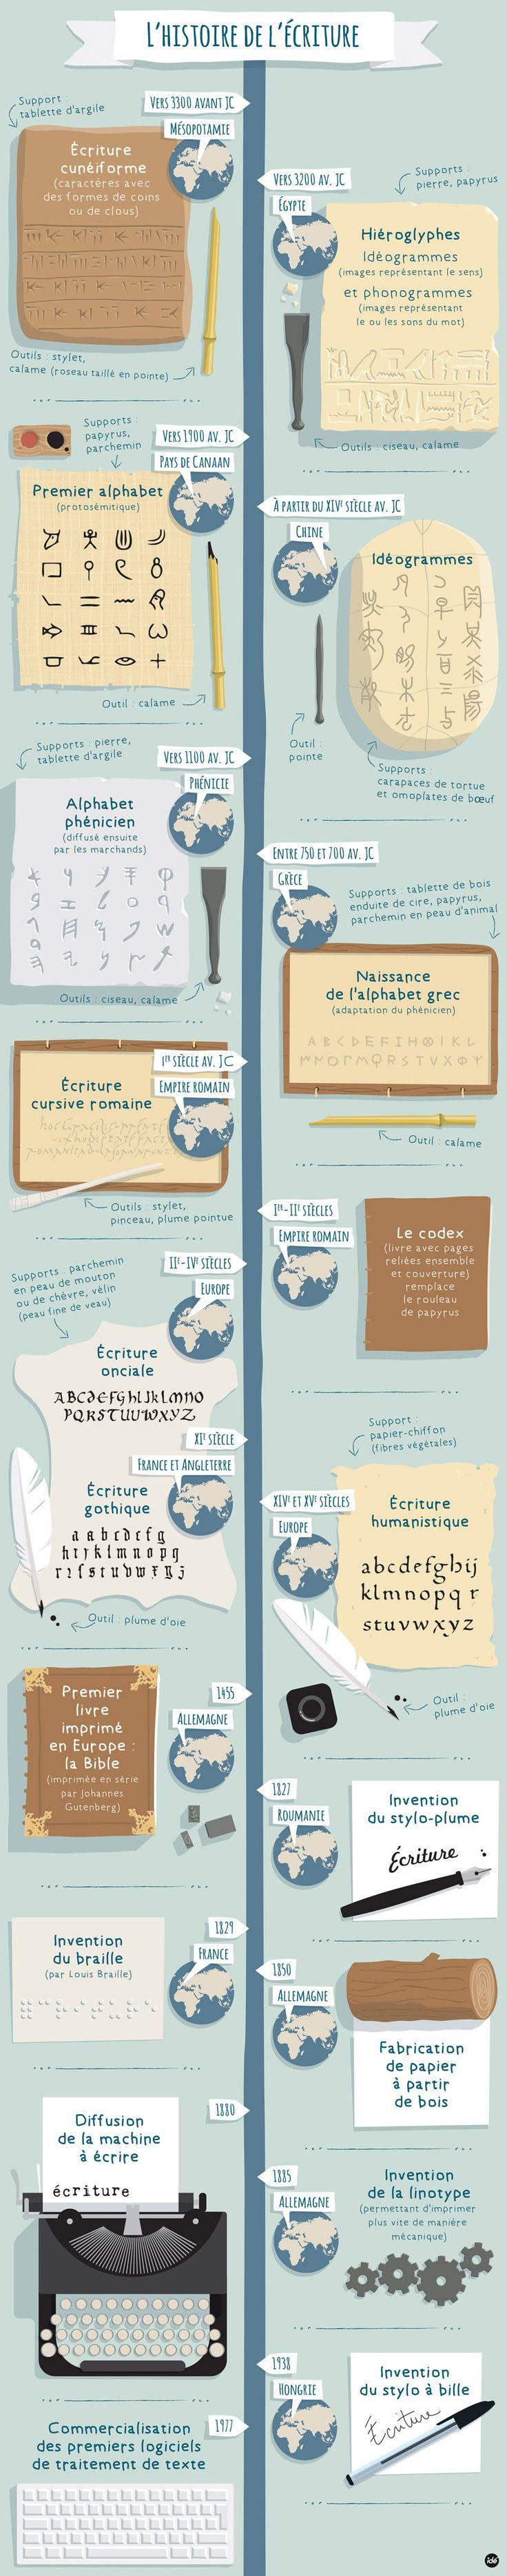 L'histoire de l'écriture frise historique